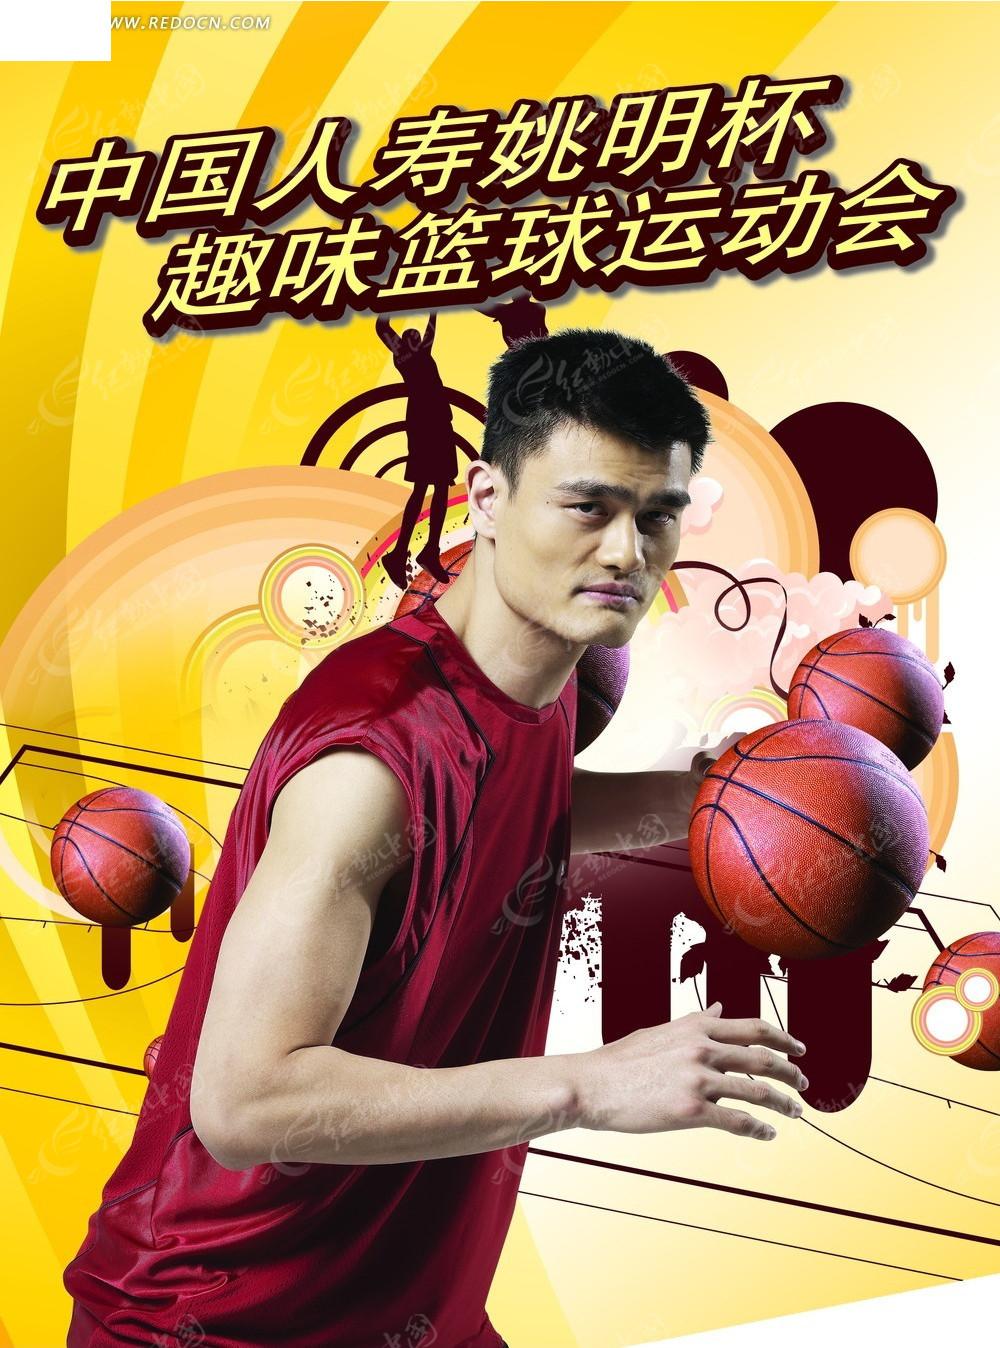 中国人寿姚明杯篮球运动会宣传海报